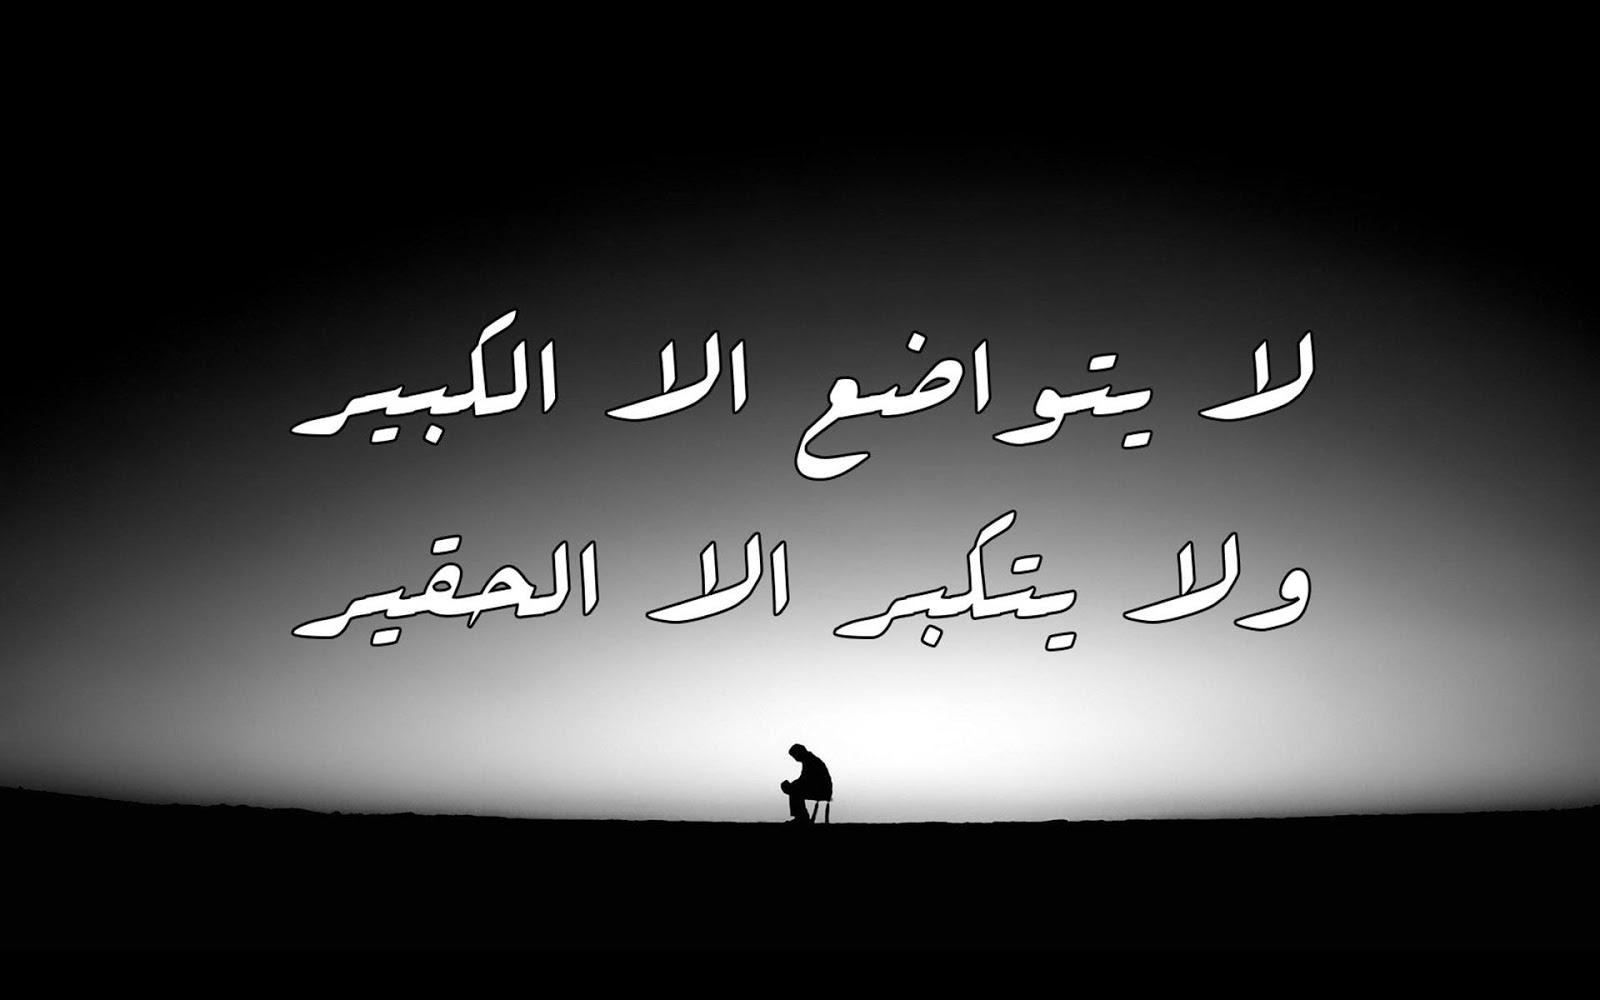 بالصور كلام من ذهب عن الحياة , حكمه واحده لتعيش حياه هادئه 6211 3